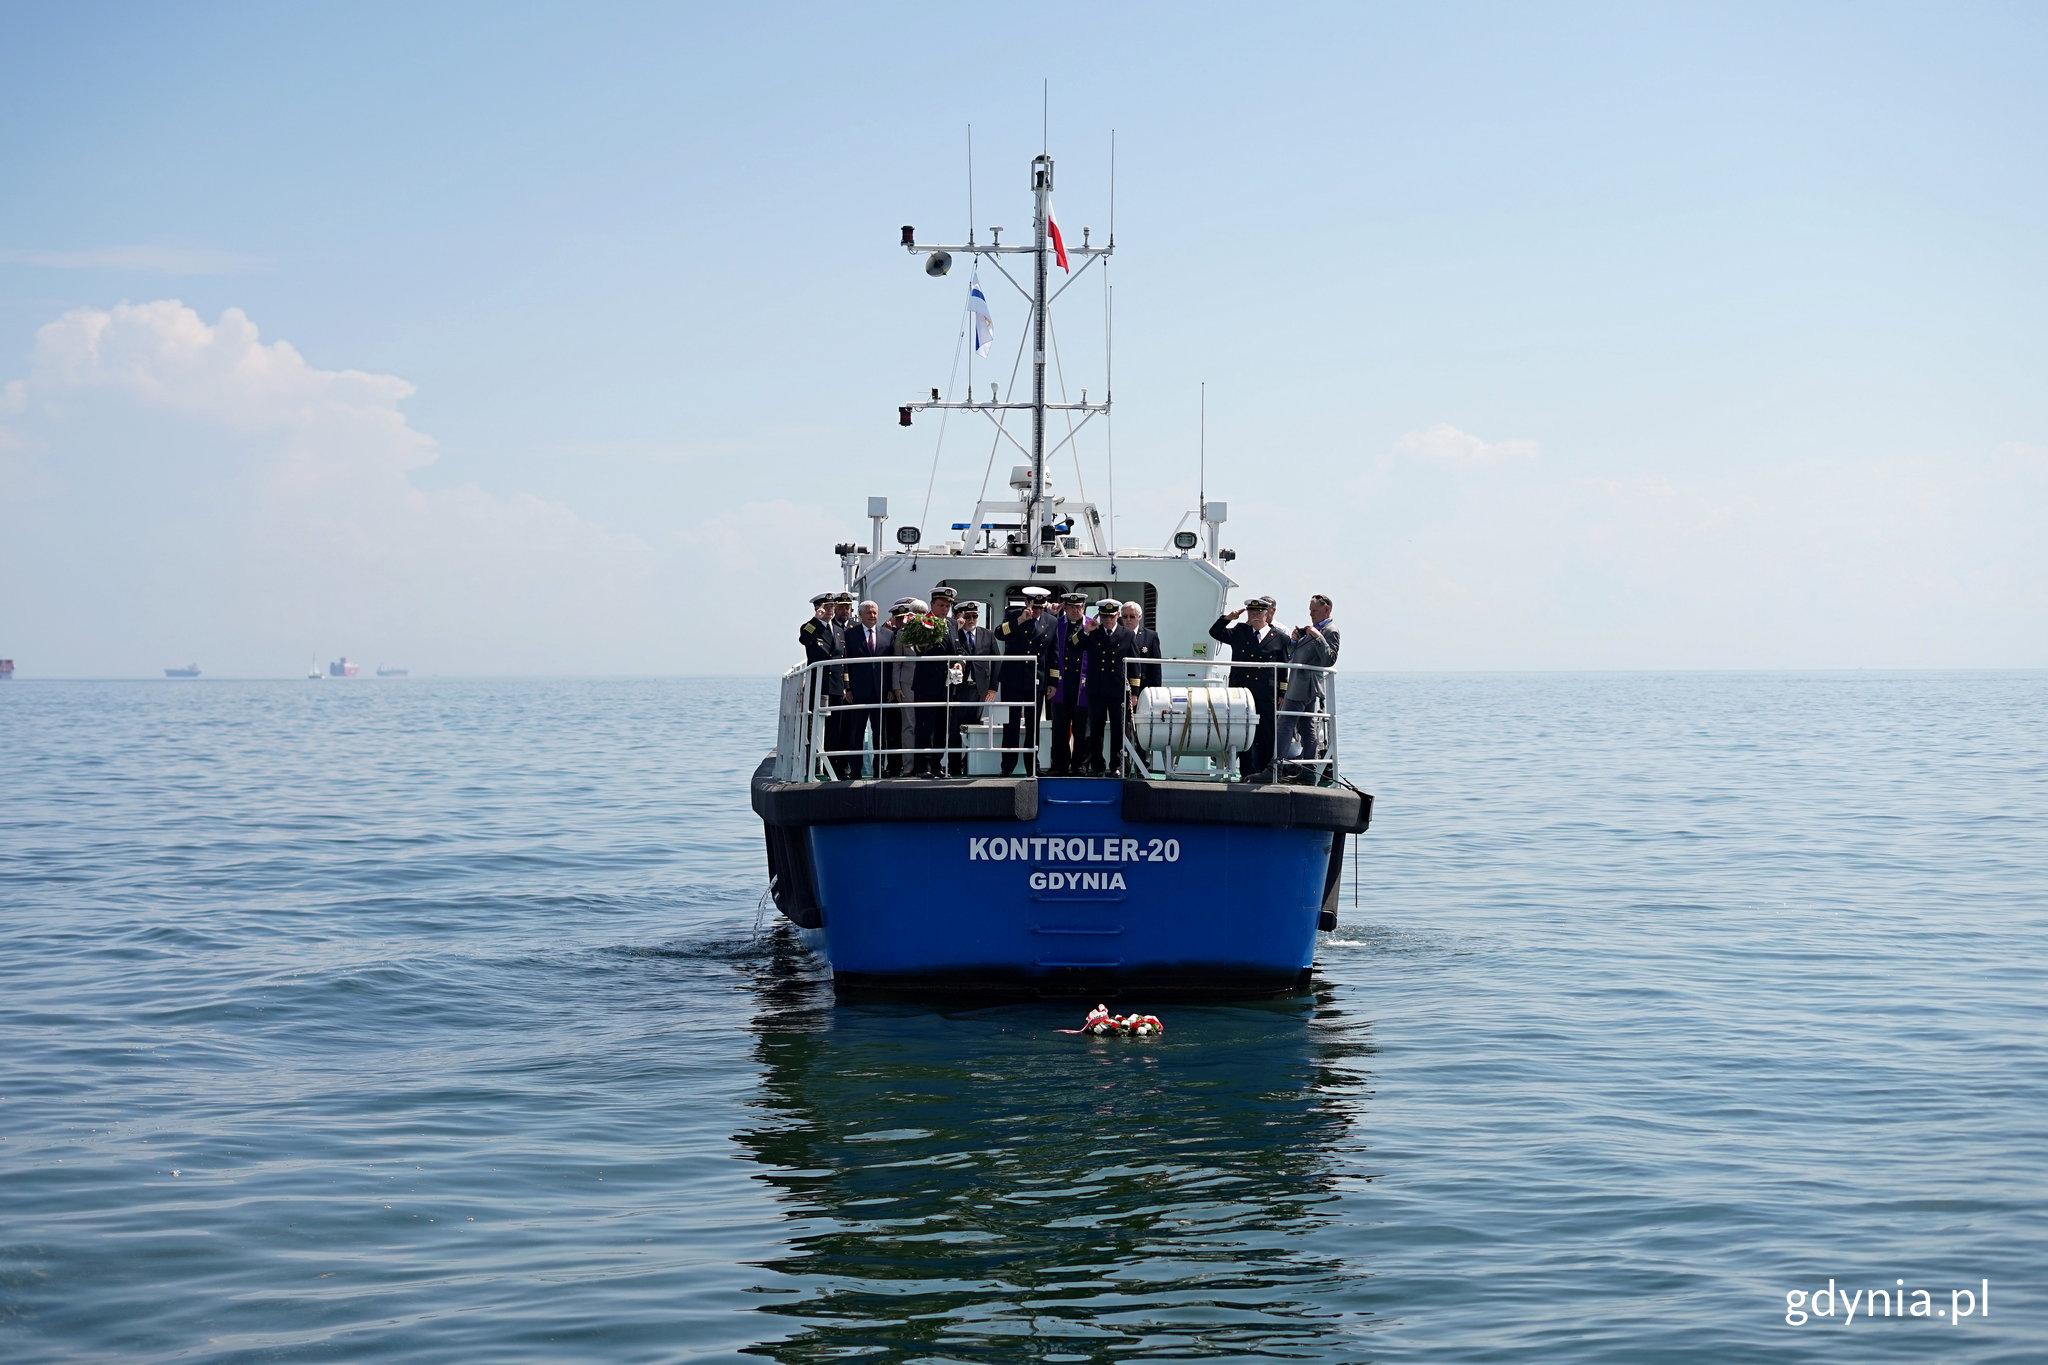 Delegacje złożyły wieńce na wodzie, fot. Kamil Złoch